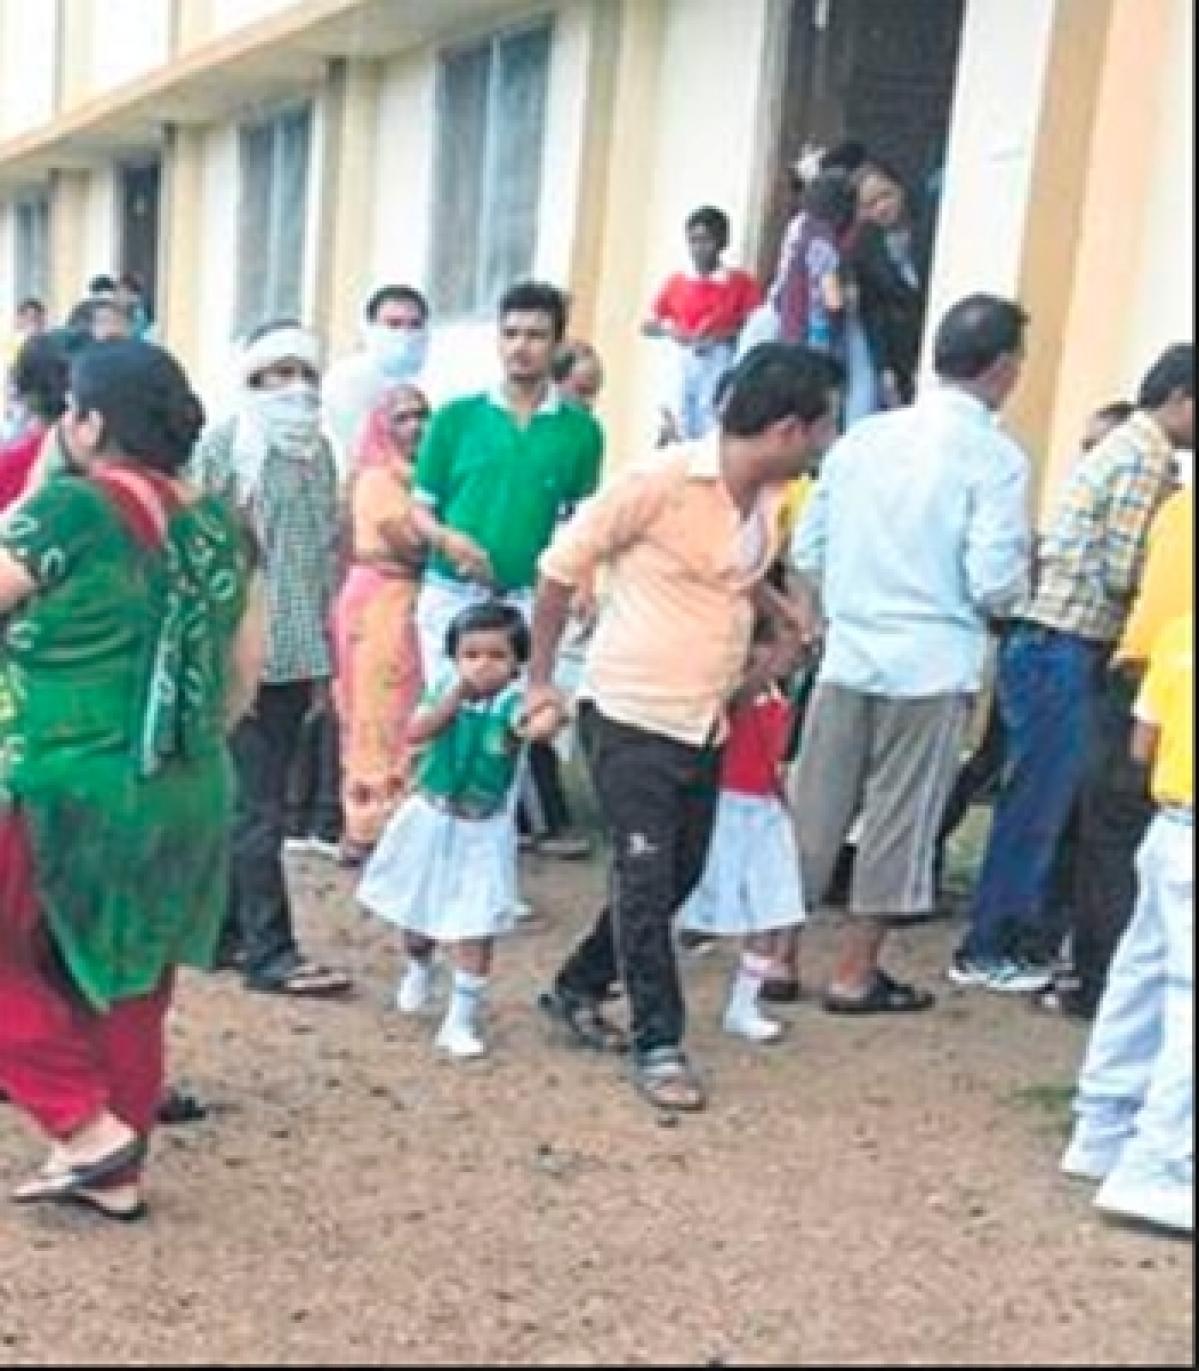 Bhopal: 50 students take ill after gas leak near school